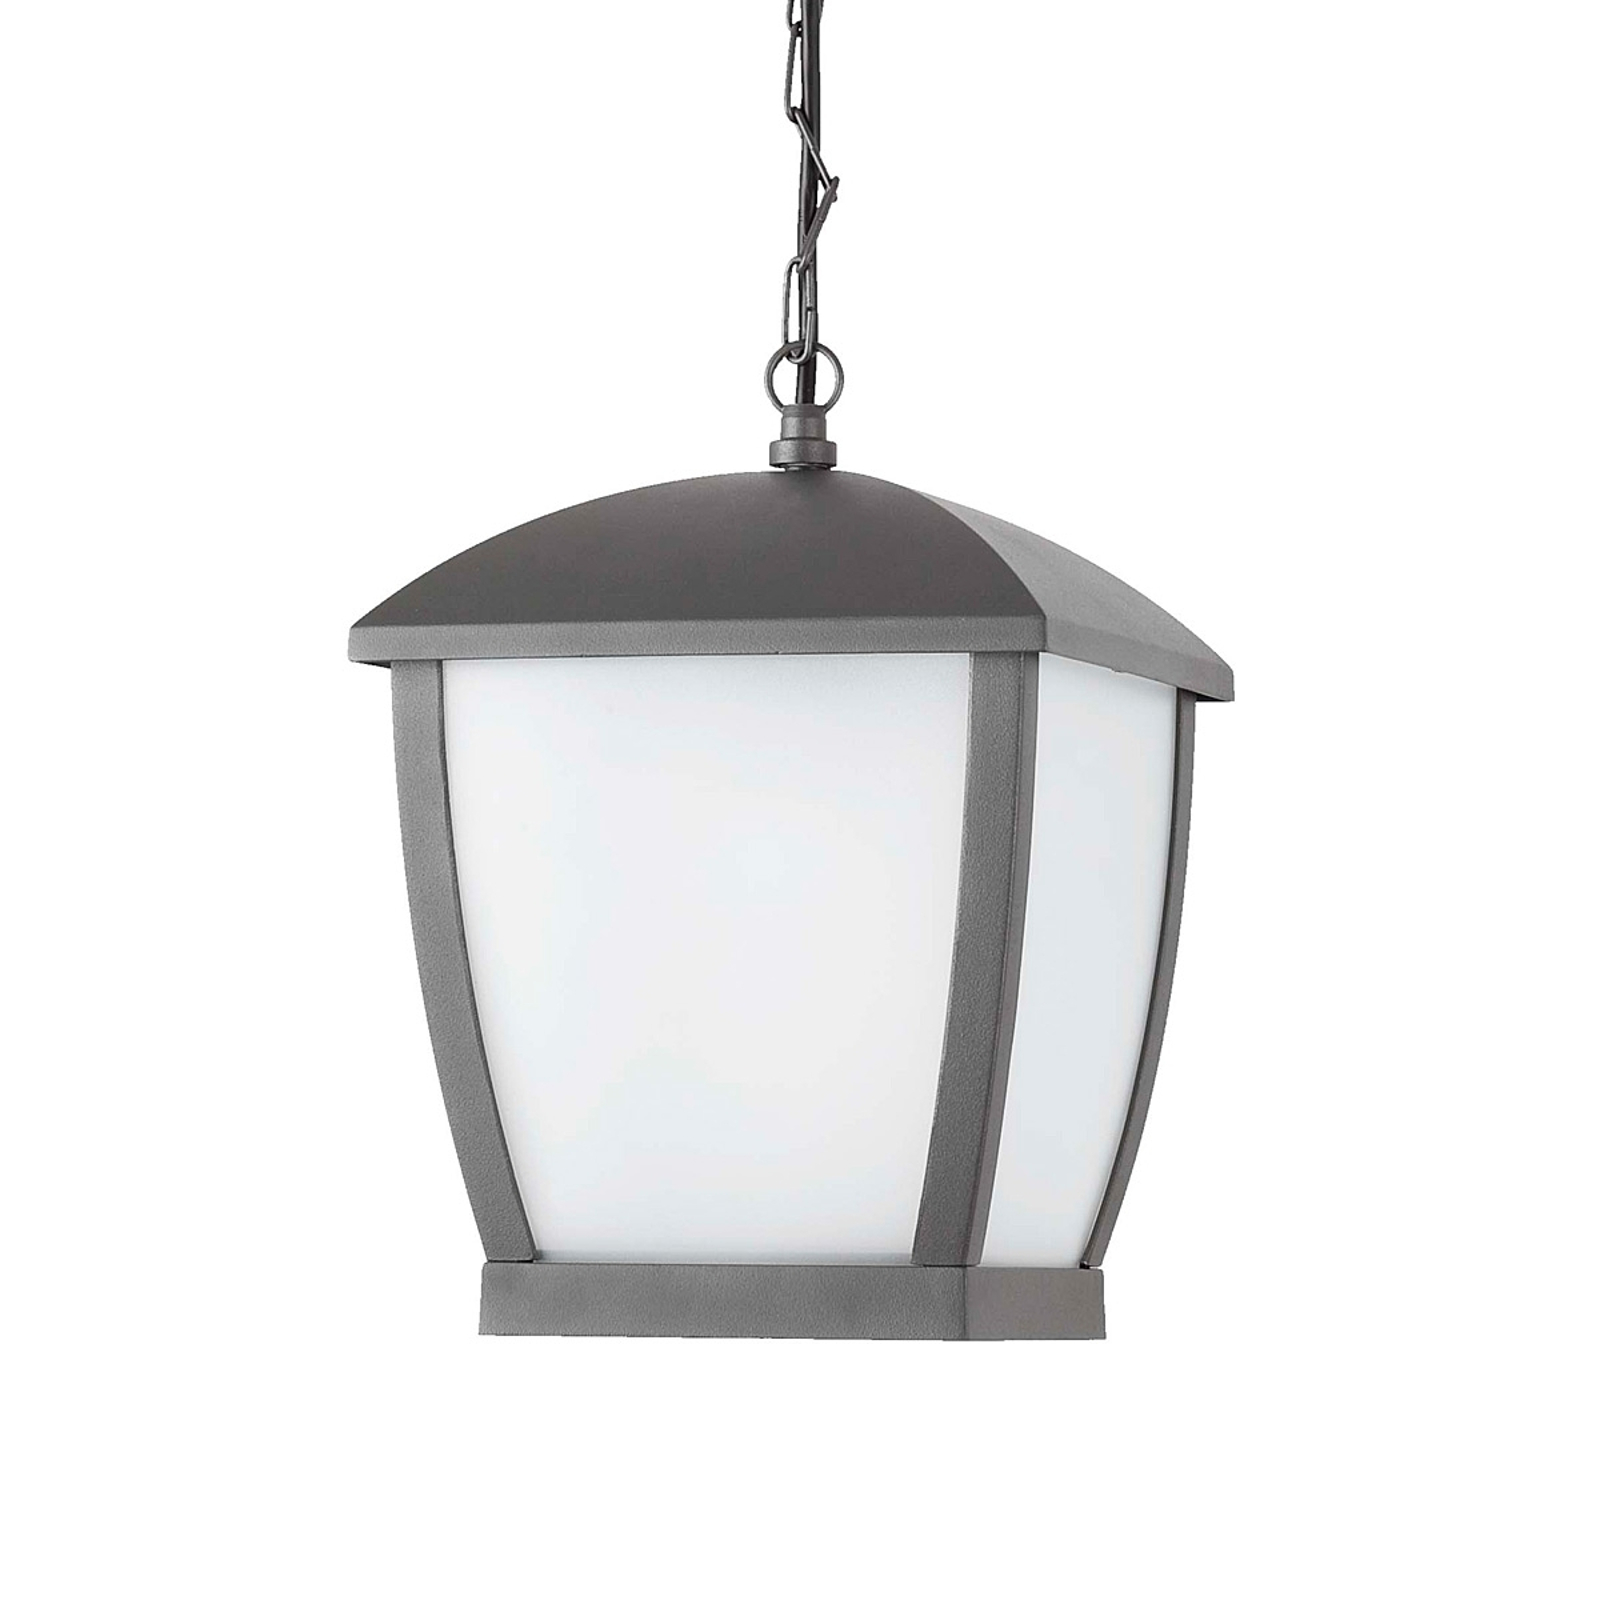 Stijlvolle outdoor hanglamp Wilma